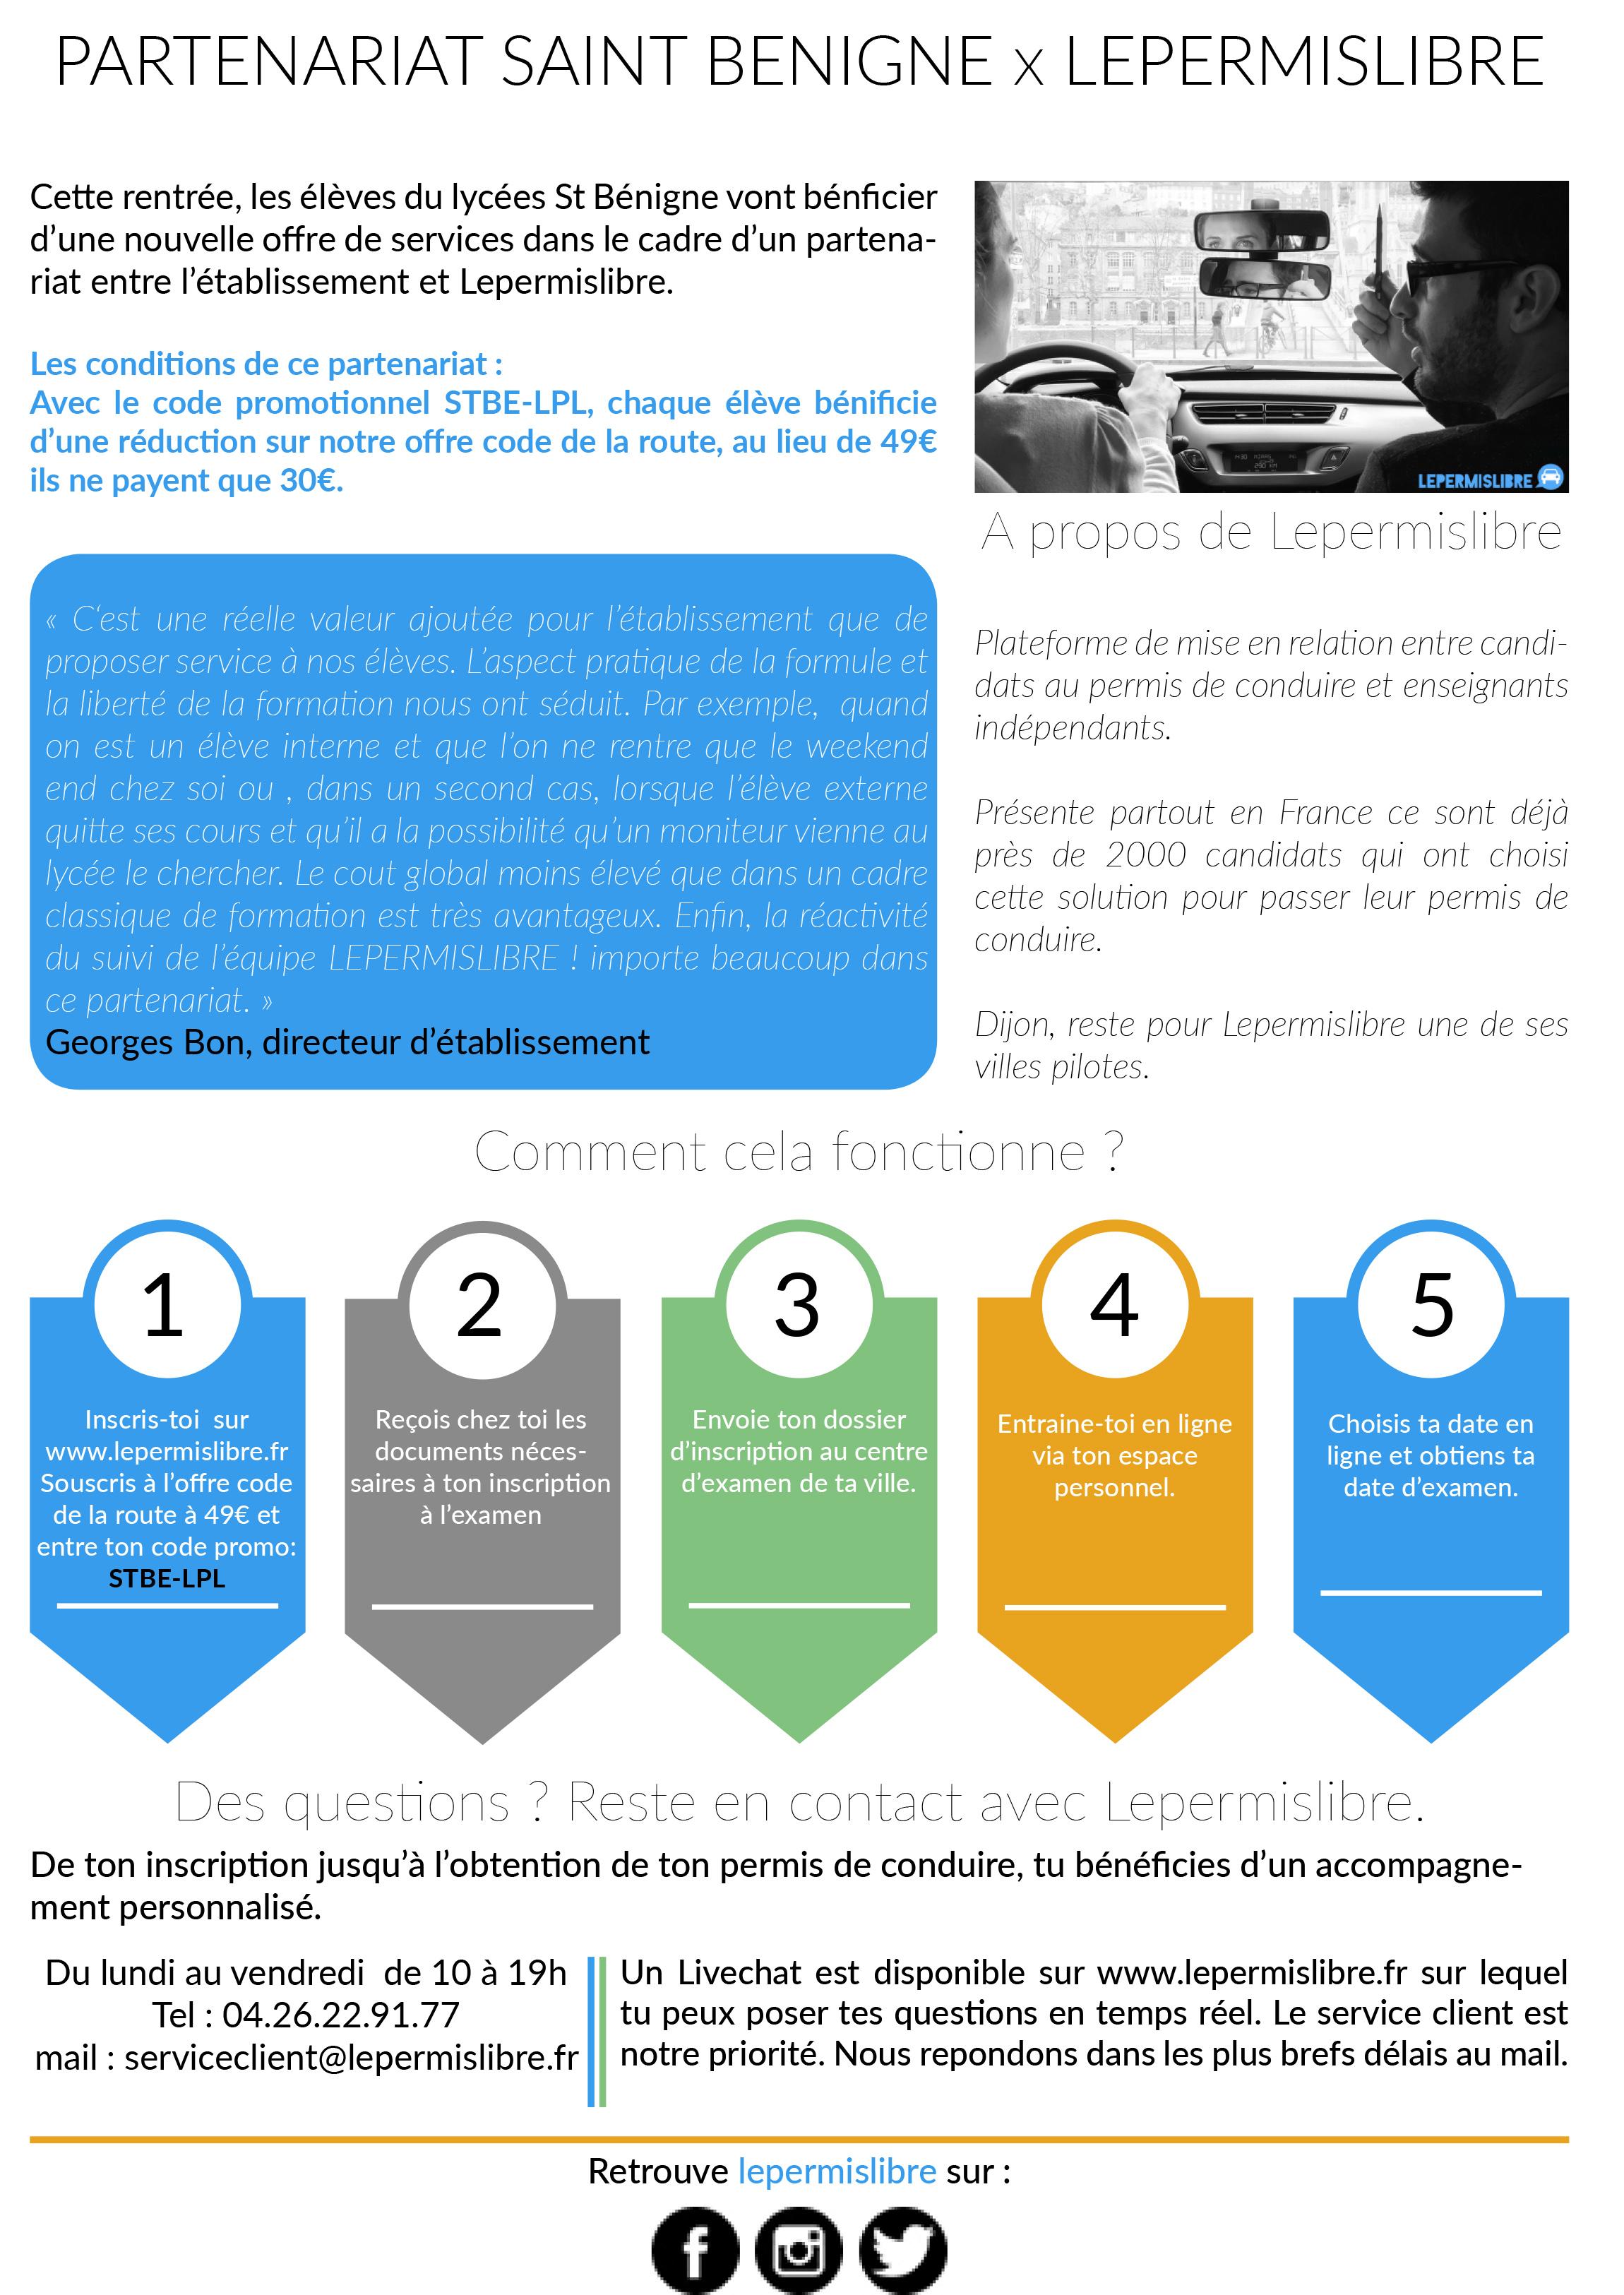 Inscription Code De La Route Prix : lepermislibre une auto cole en partenariat avec le lyc e st b ~ Maxctalentgroup.com Avis de Voitures